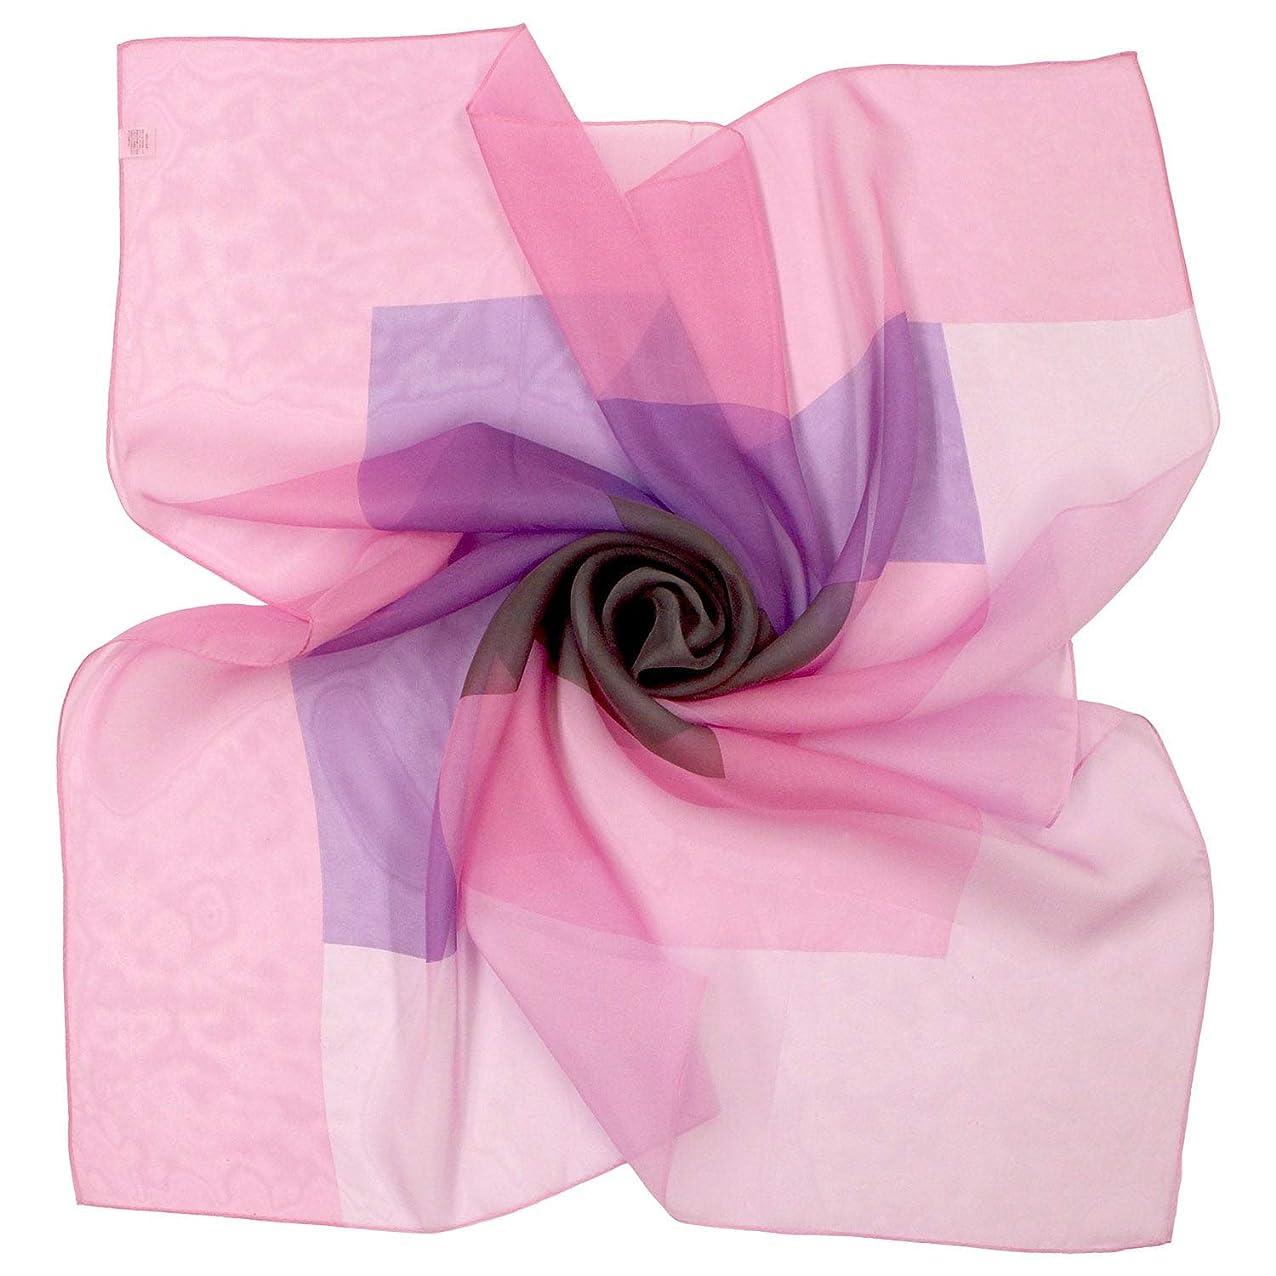 ポーン内側宙返りDhana Style アフガンストール アラブストール チェック柄マフラー スカーフ (ブラック&ホワイト)